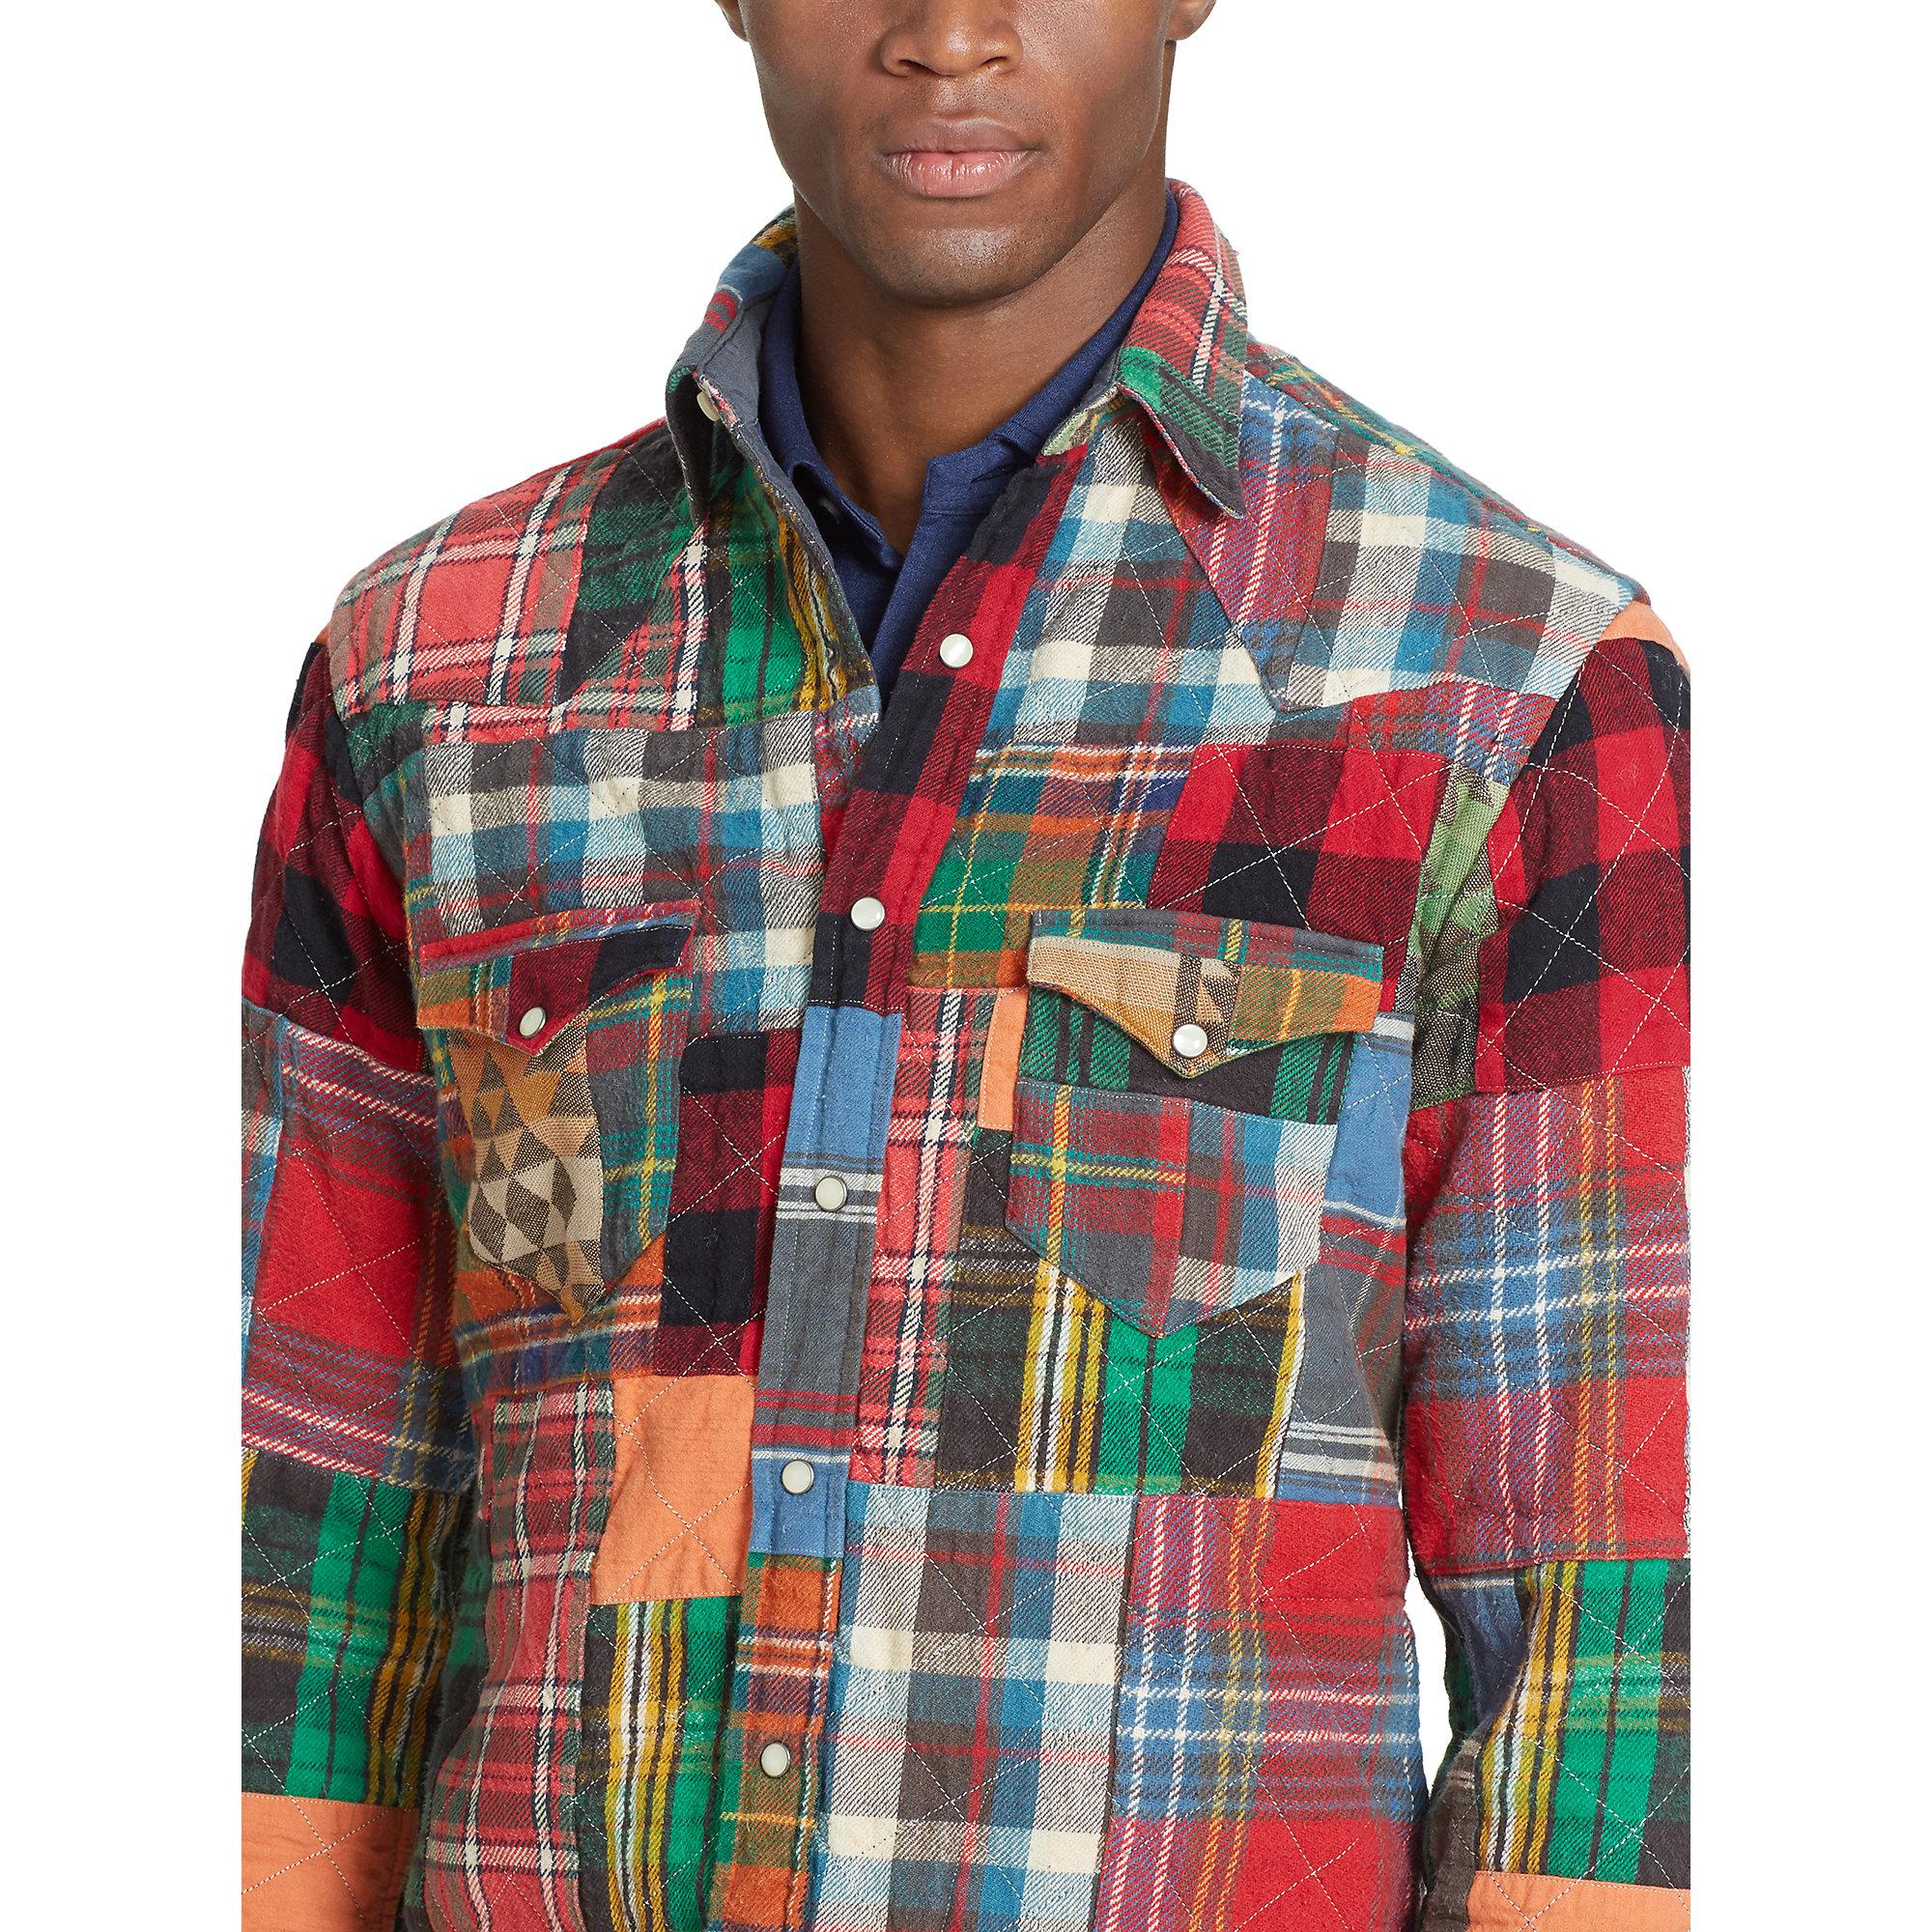 Ralph Shirt Fabric For Code Lauren Nz 67a37 Discount 09378 O8PXn0wk